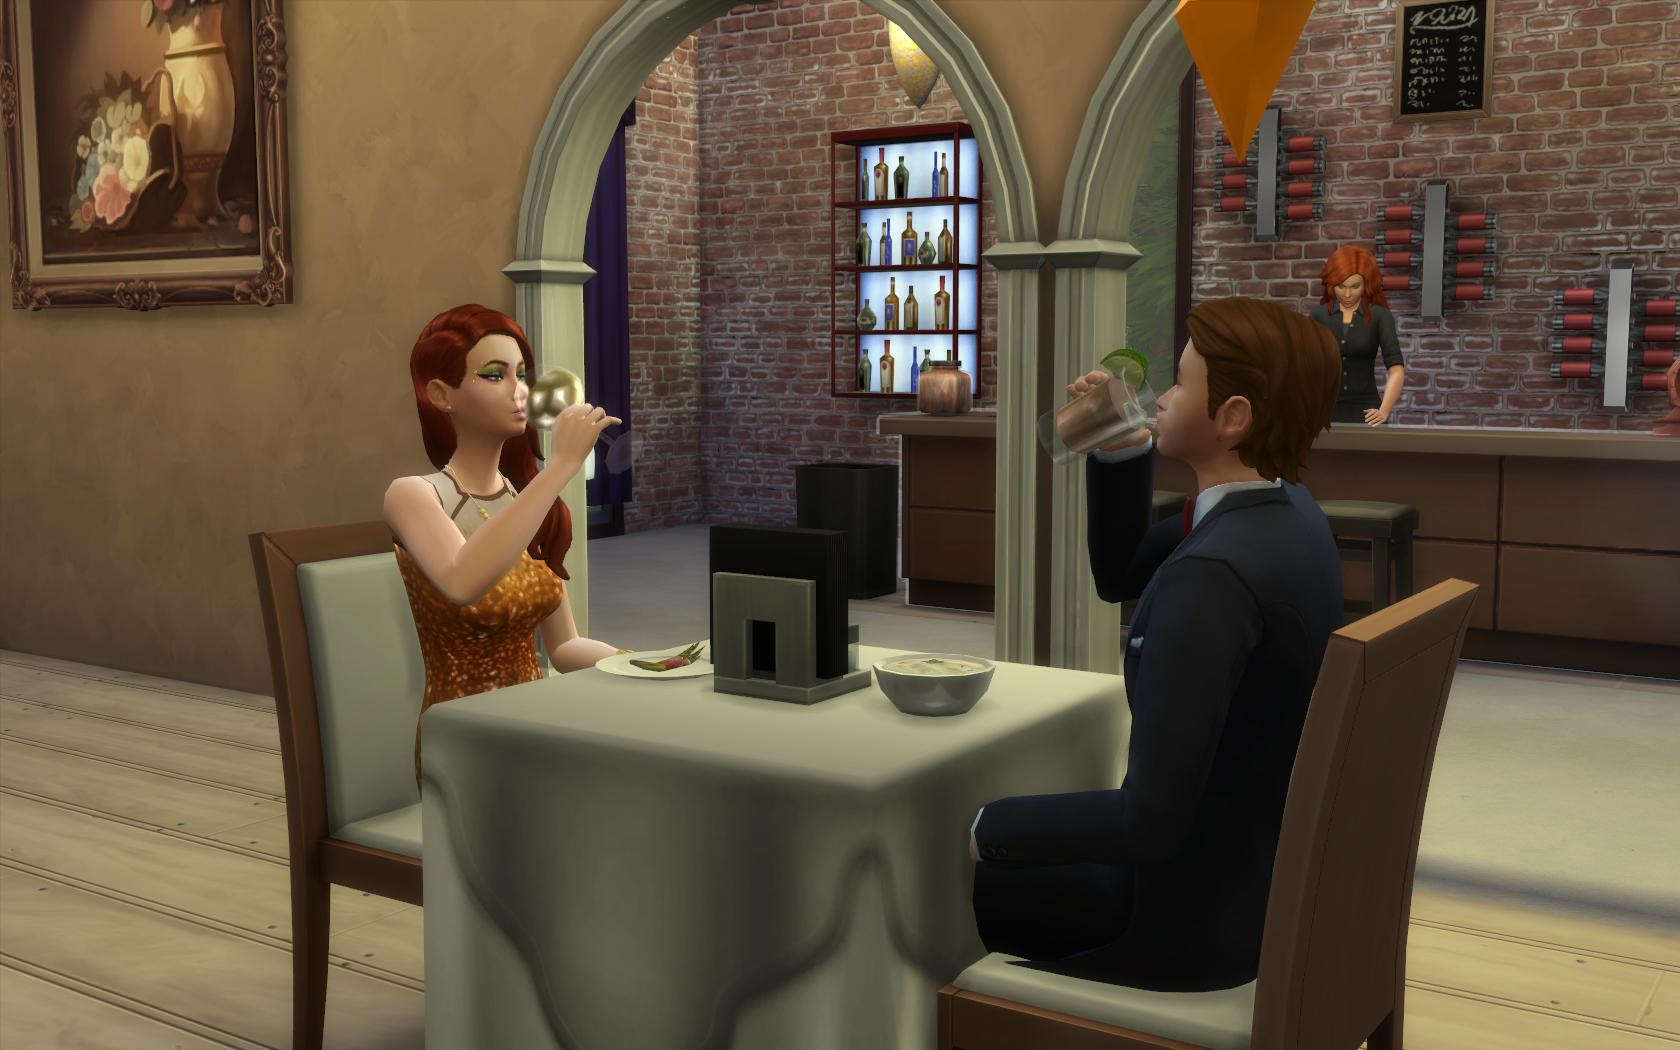 jak odpowiadać na wiadomości randkowe online sims 3Drake i Rihanna randki potwierdzone